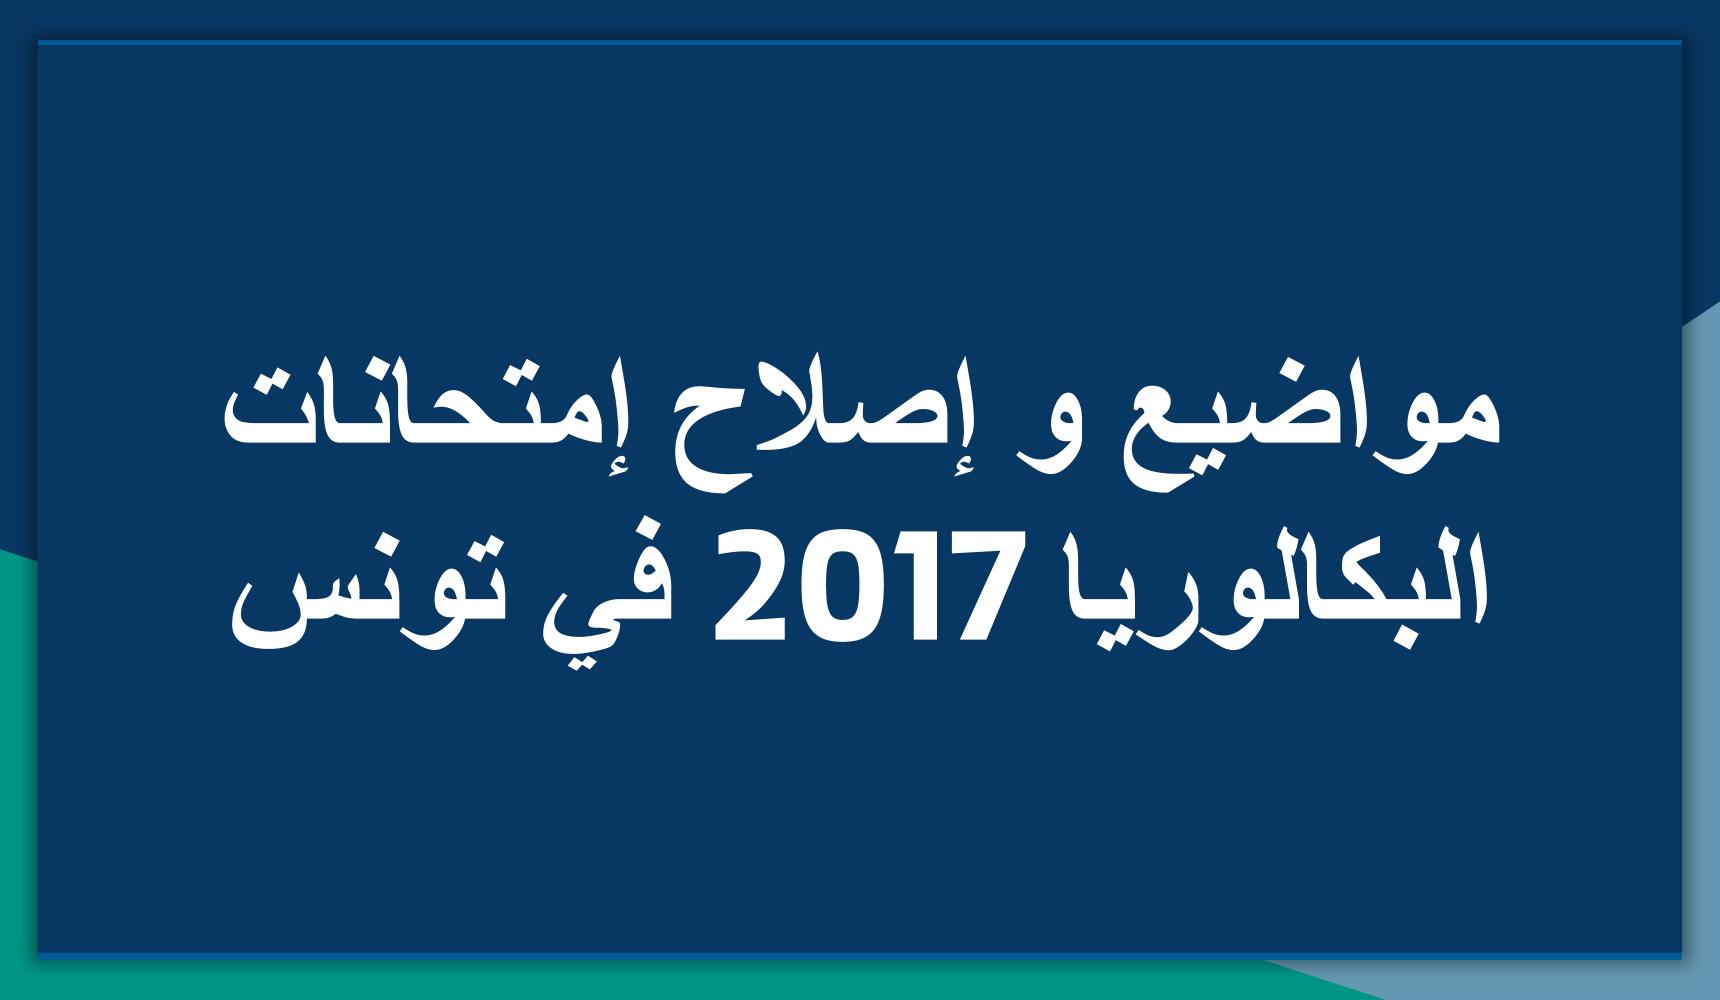 مواضيع واصلاح امتحانات البكالوريا 2017 في تونس